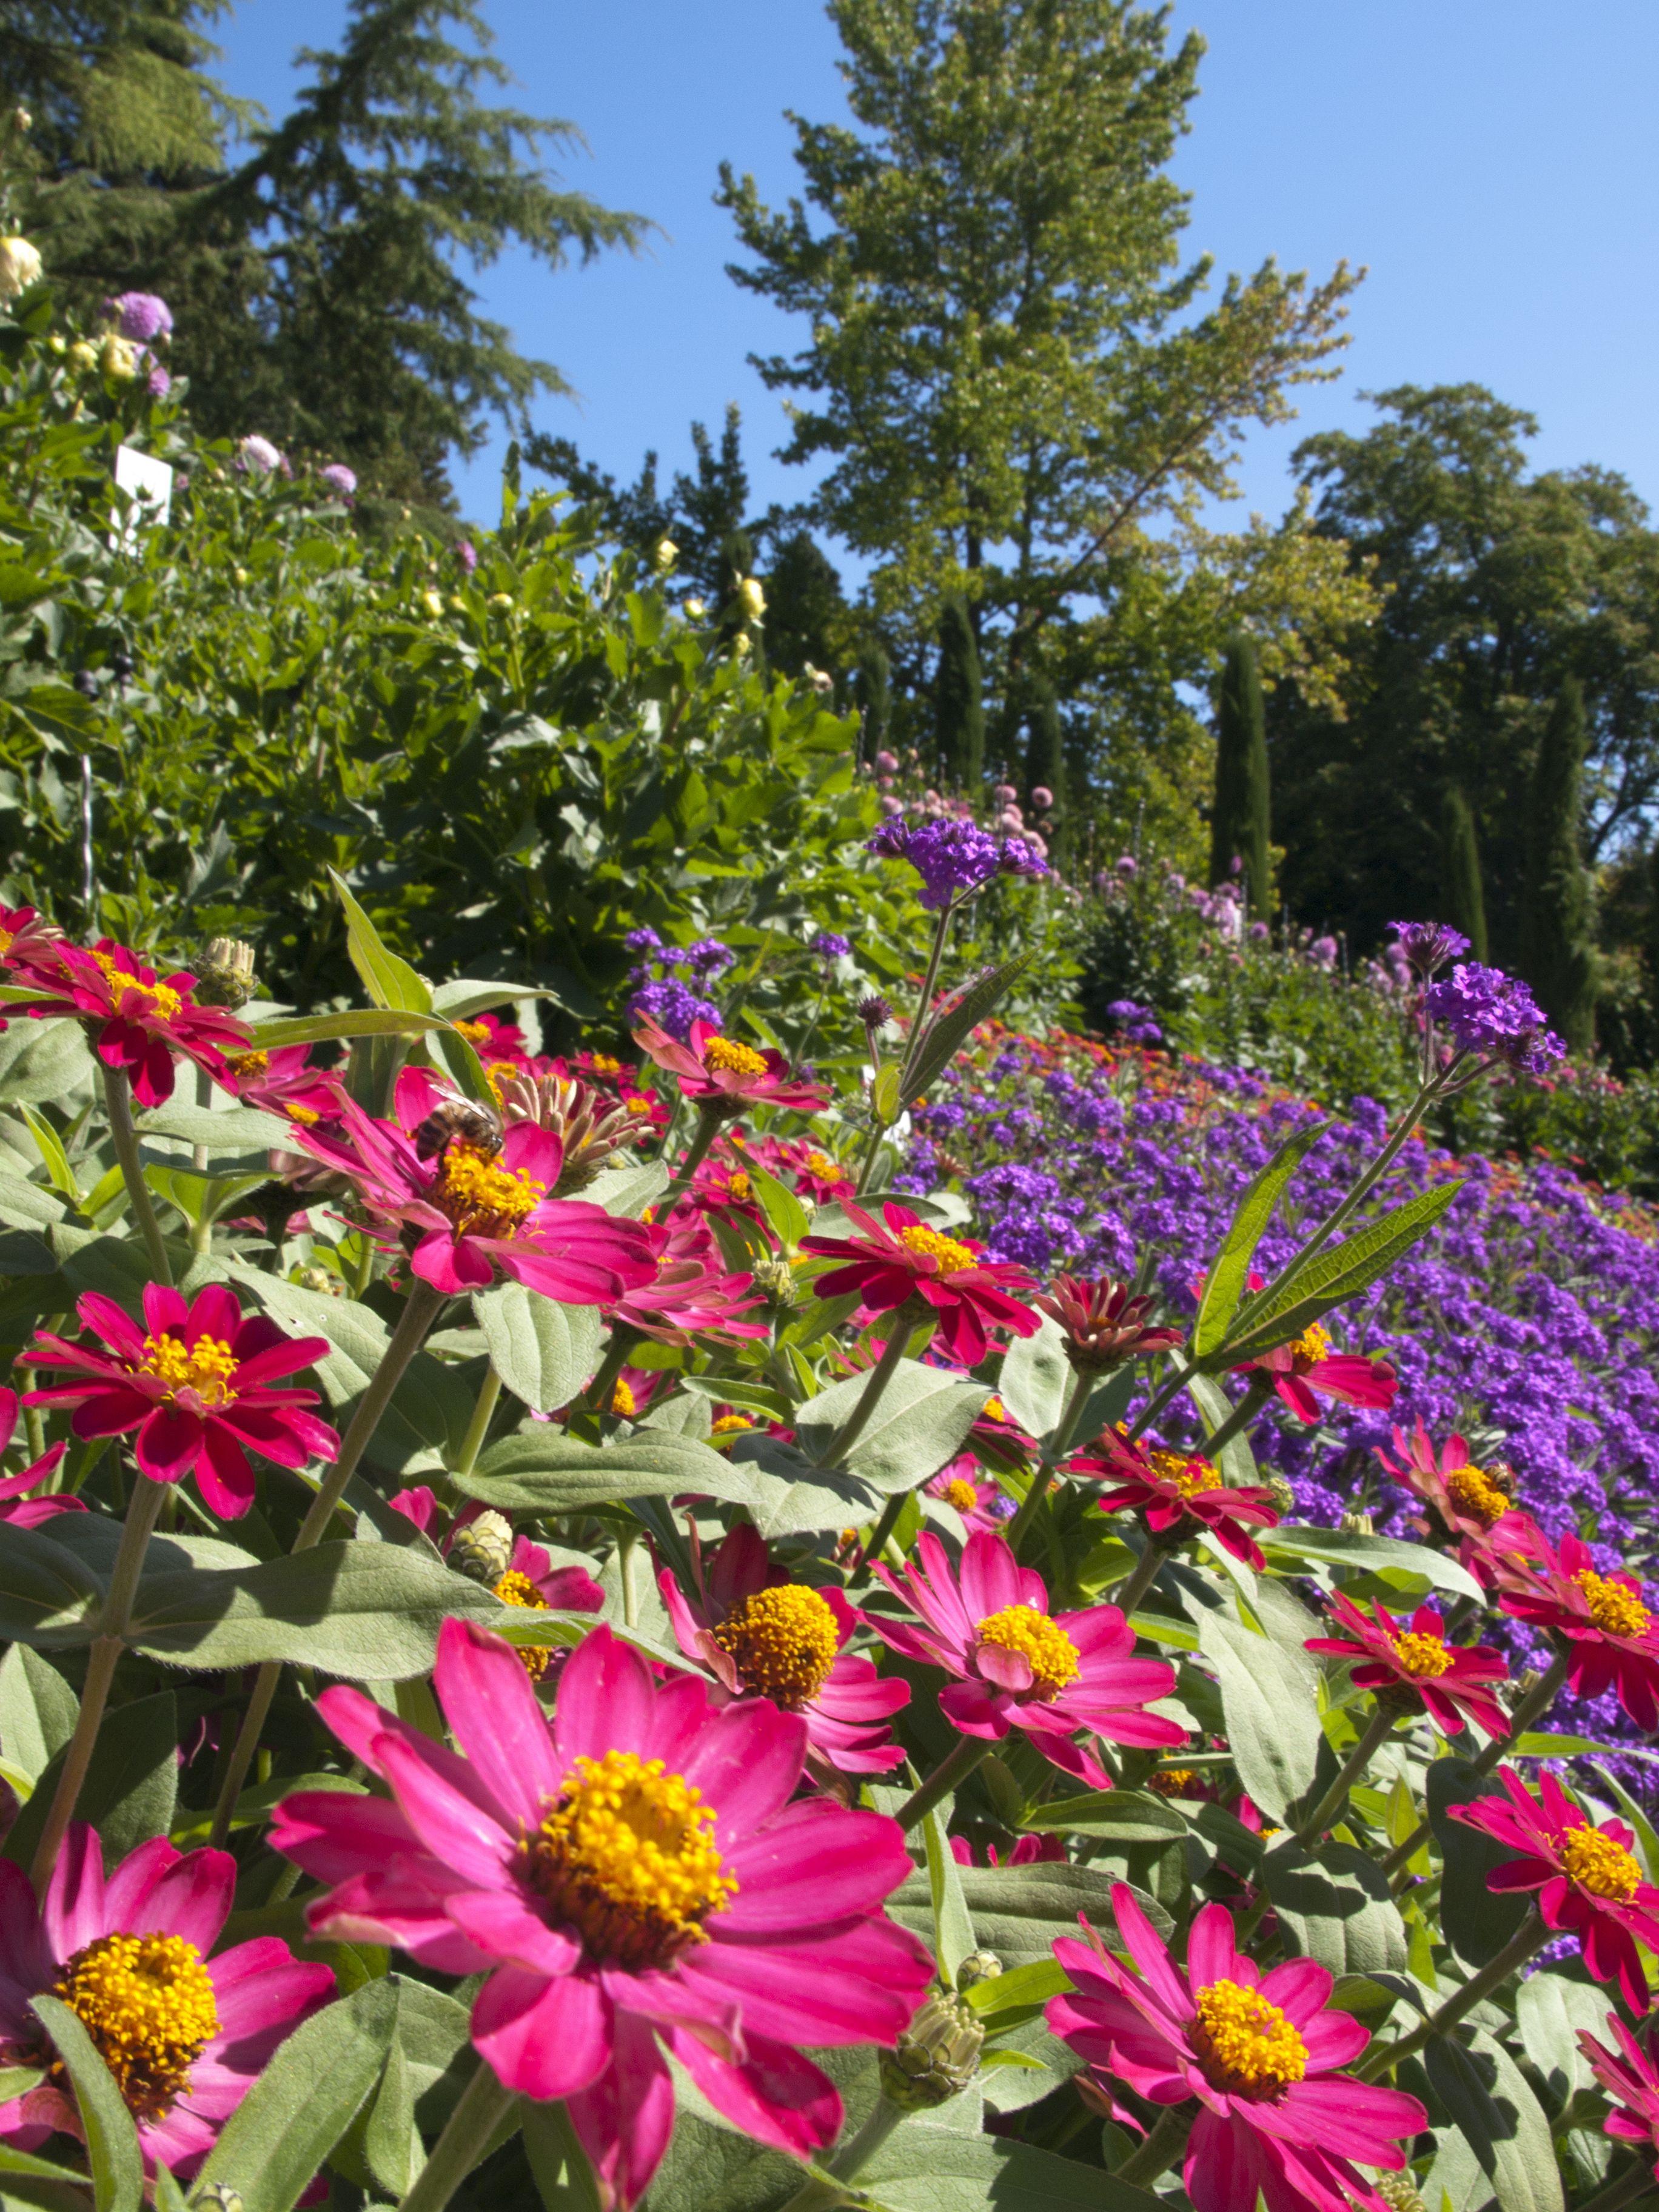 Ein Blumenmeer Auf Der Insel Mainau Im Sommer Am Bodensee Insel Mainau Englischer Garten Gartenbedarf